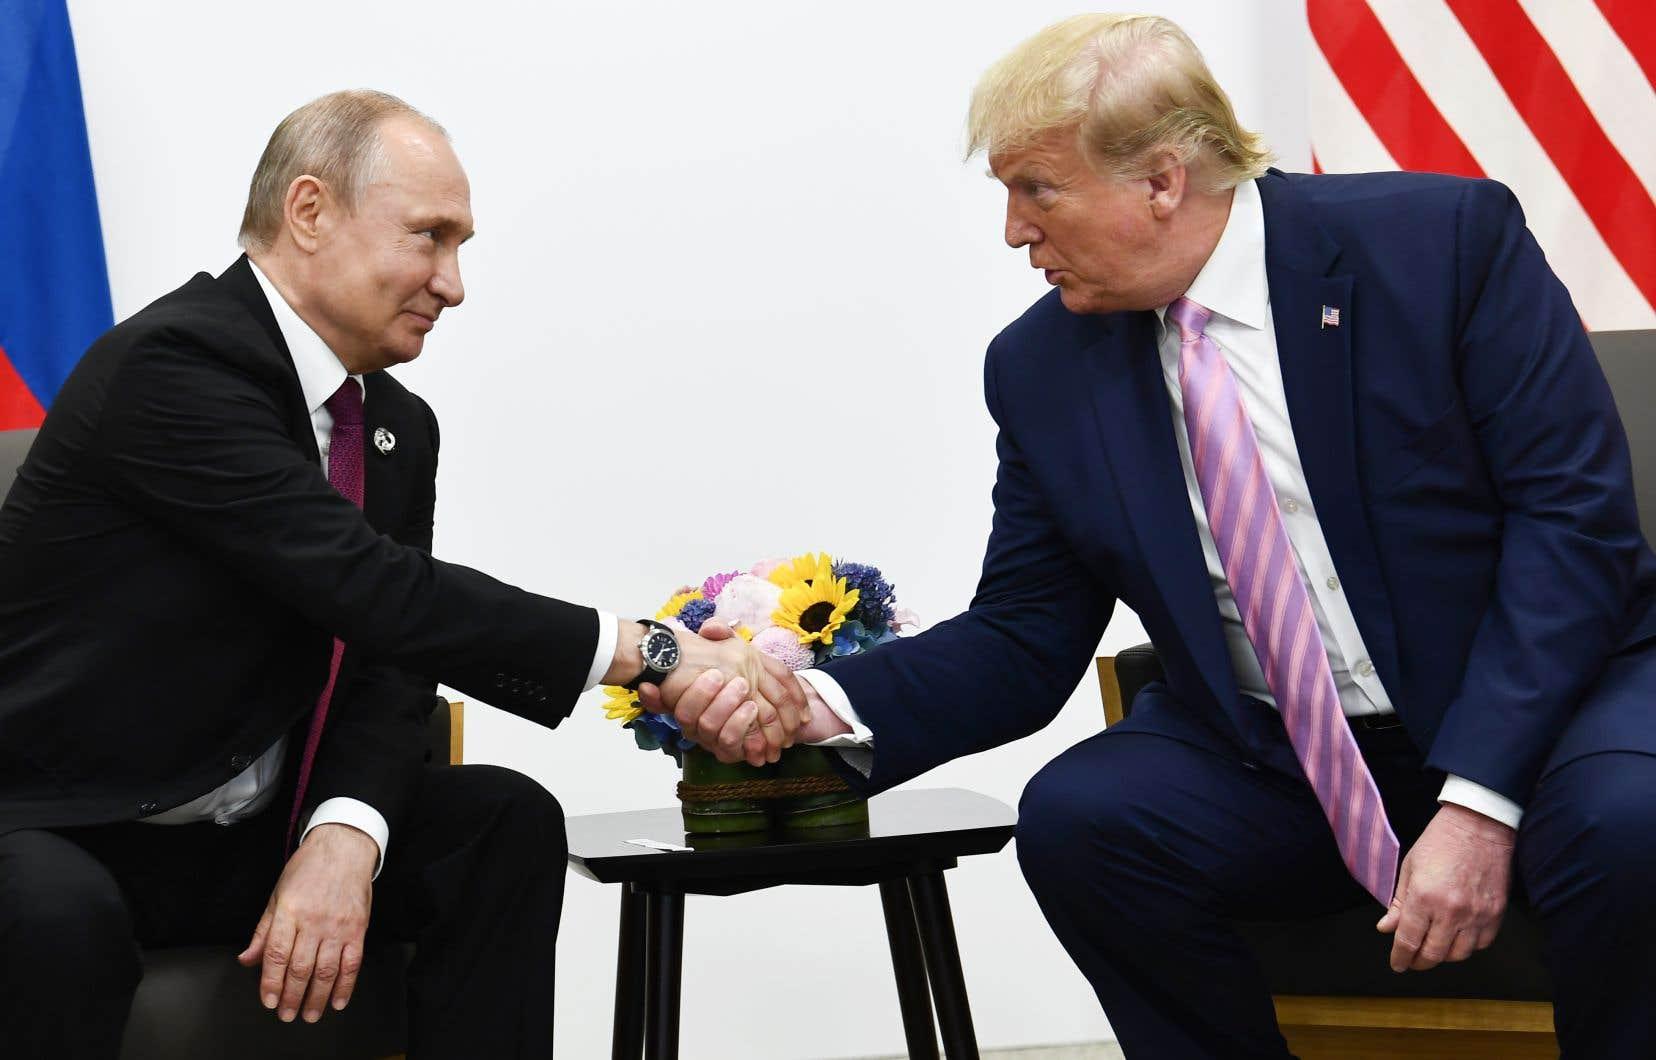 Donald Trump n'a pu s'empêcher de blaguer sur l'ingérence russe dans les élections américaines lors de son entretien avec Vladimir Poutine.